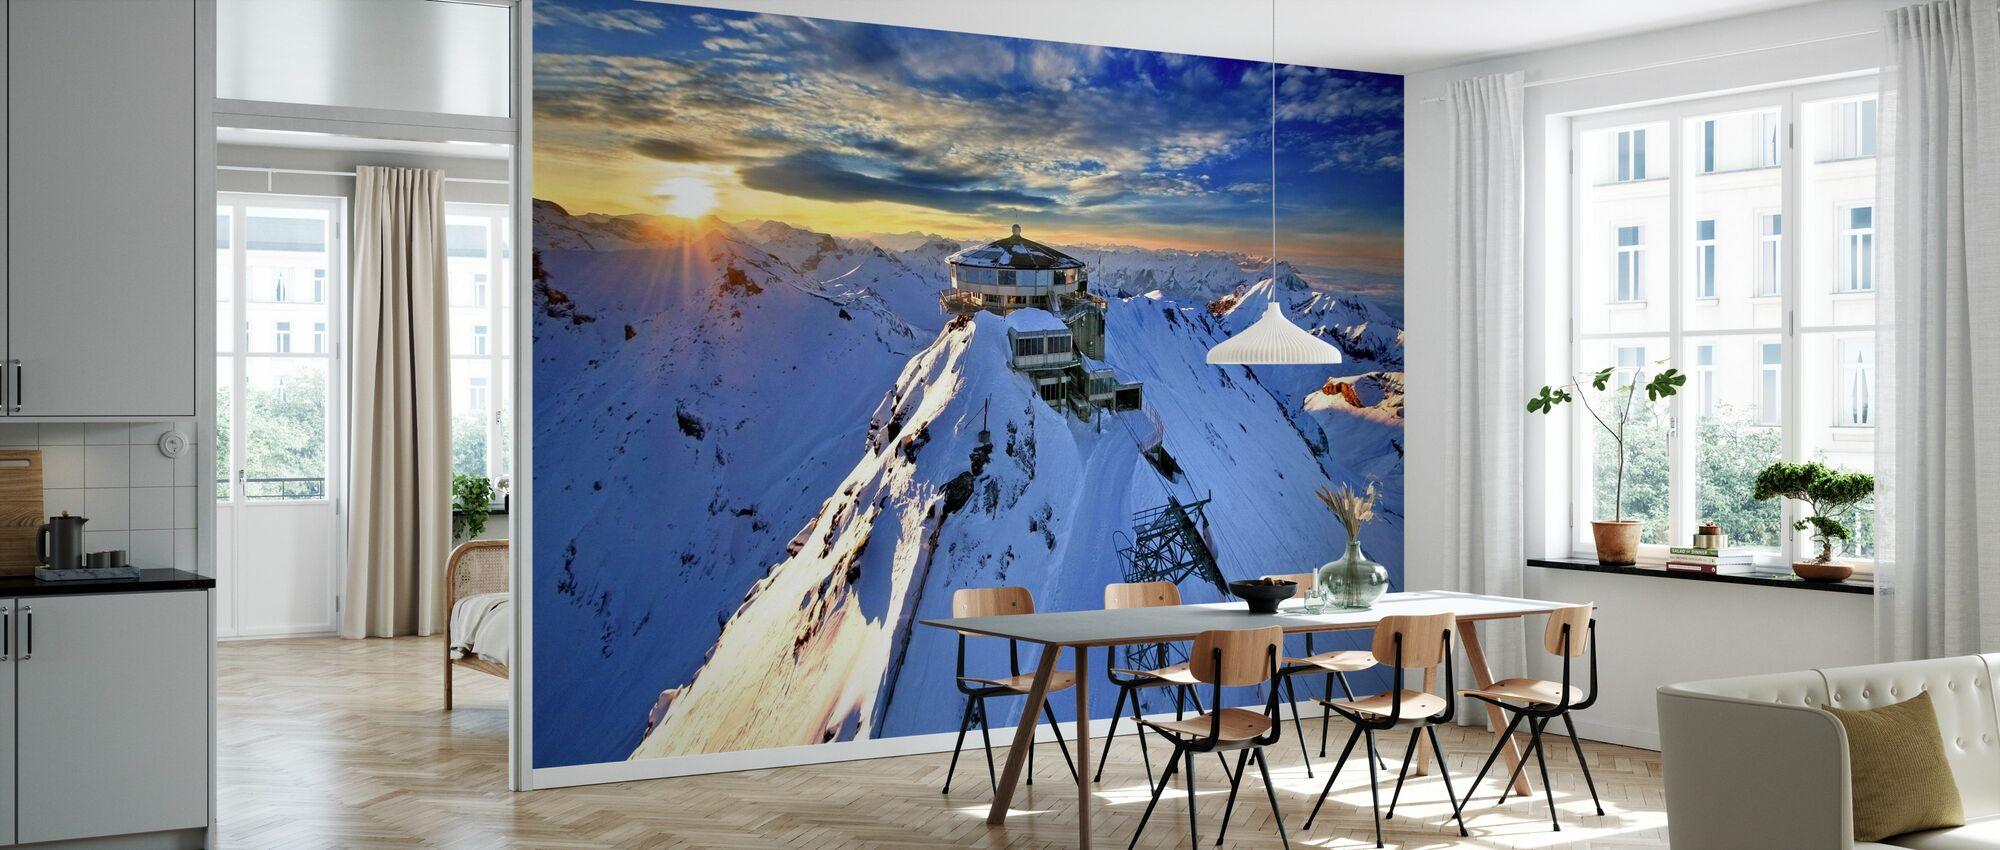 Schiltorn Mountain Station - Wallpaper - Kitchen